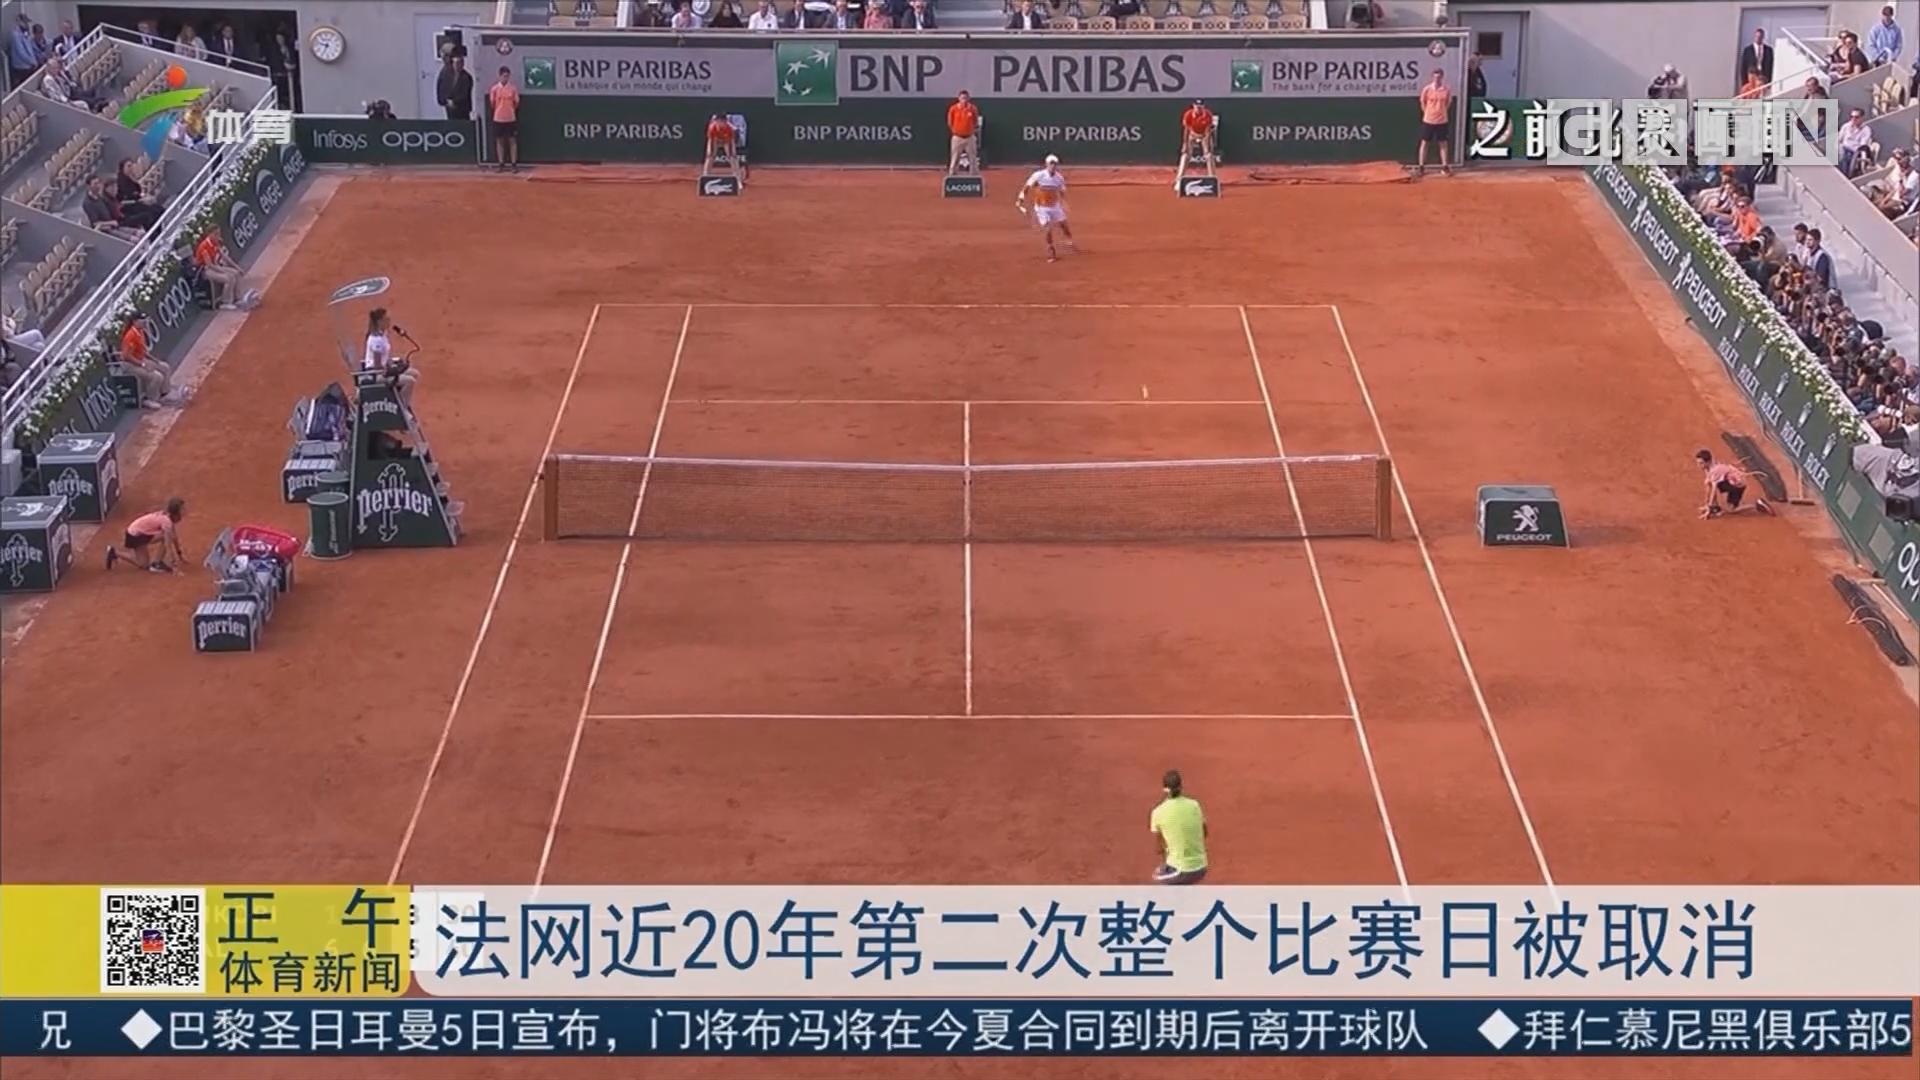 法网近20年第二次整个比赛日被取消